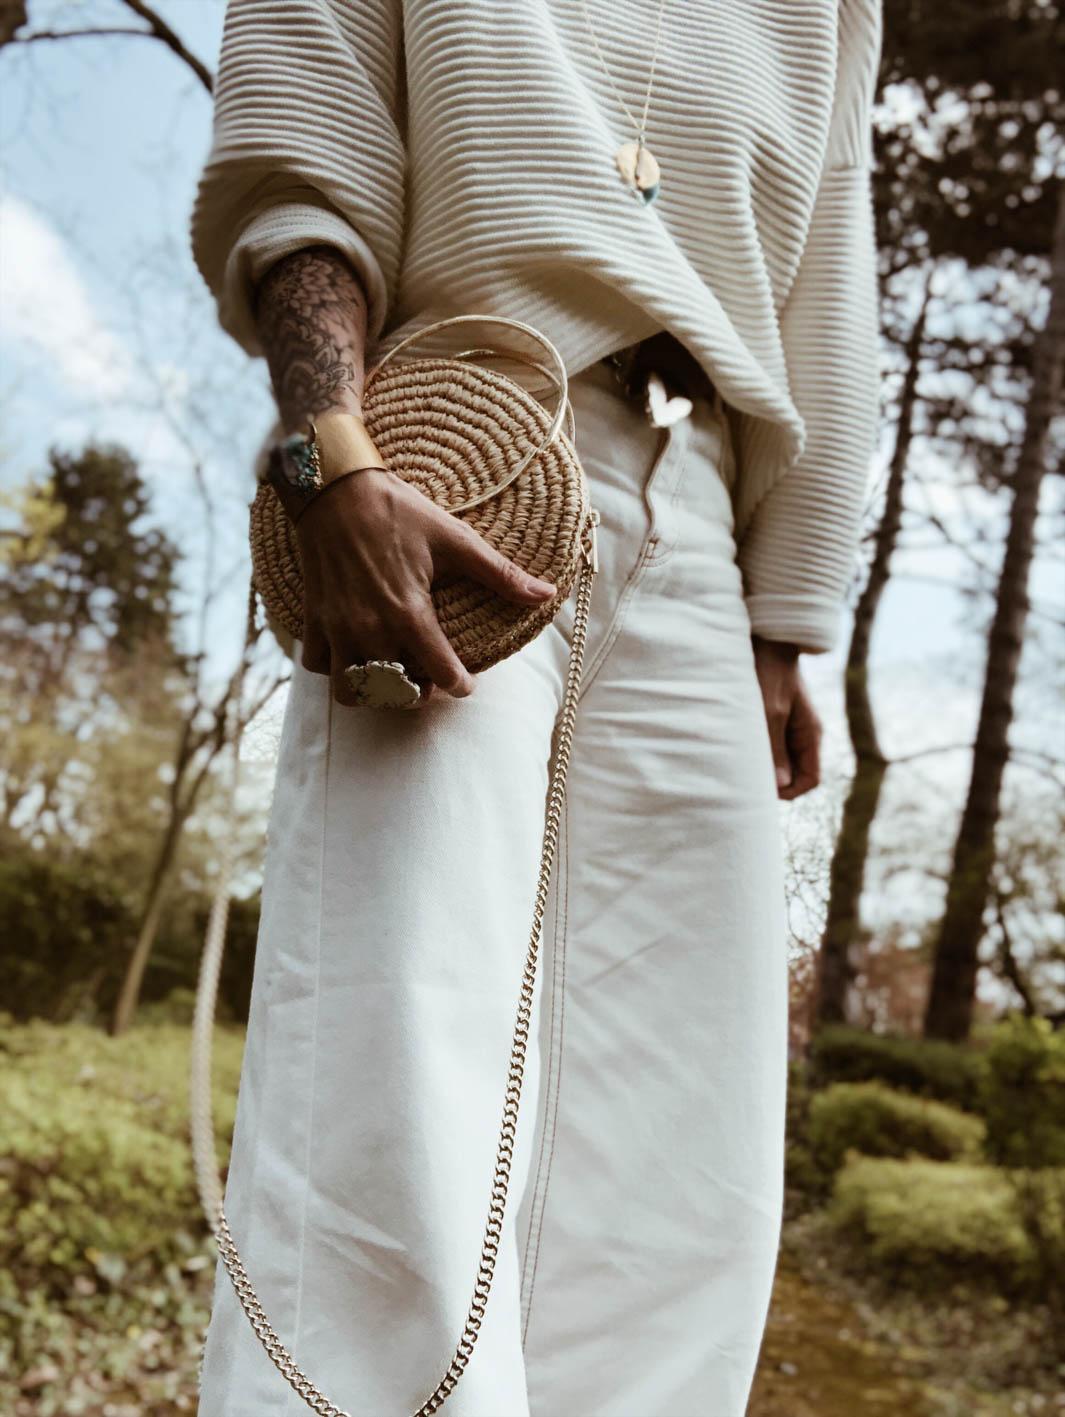 Carnet Sauvage - Idée look, mode et tendances - White look